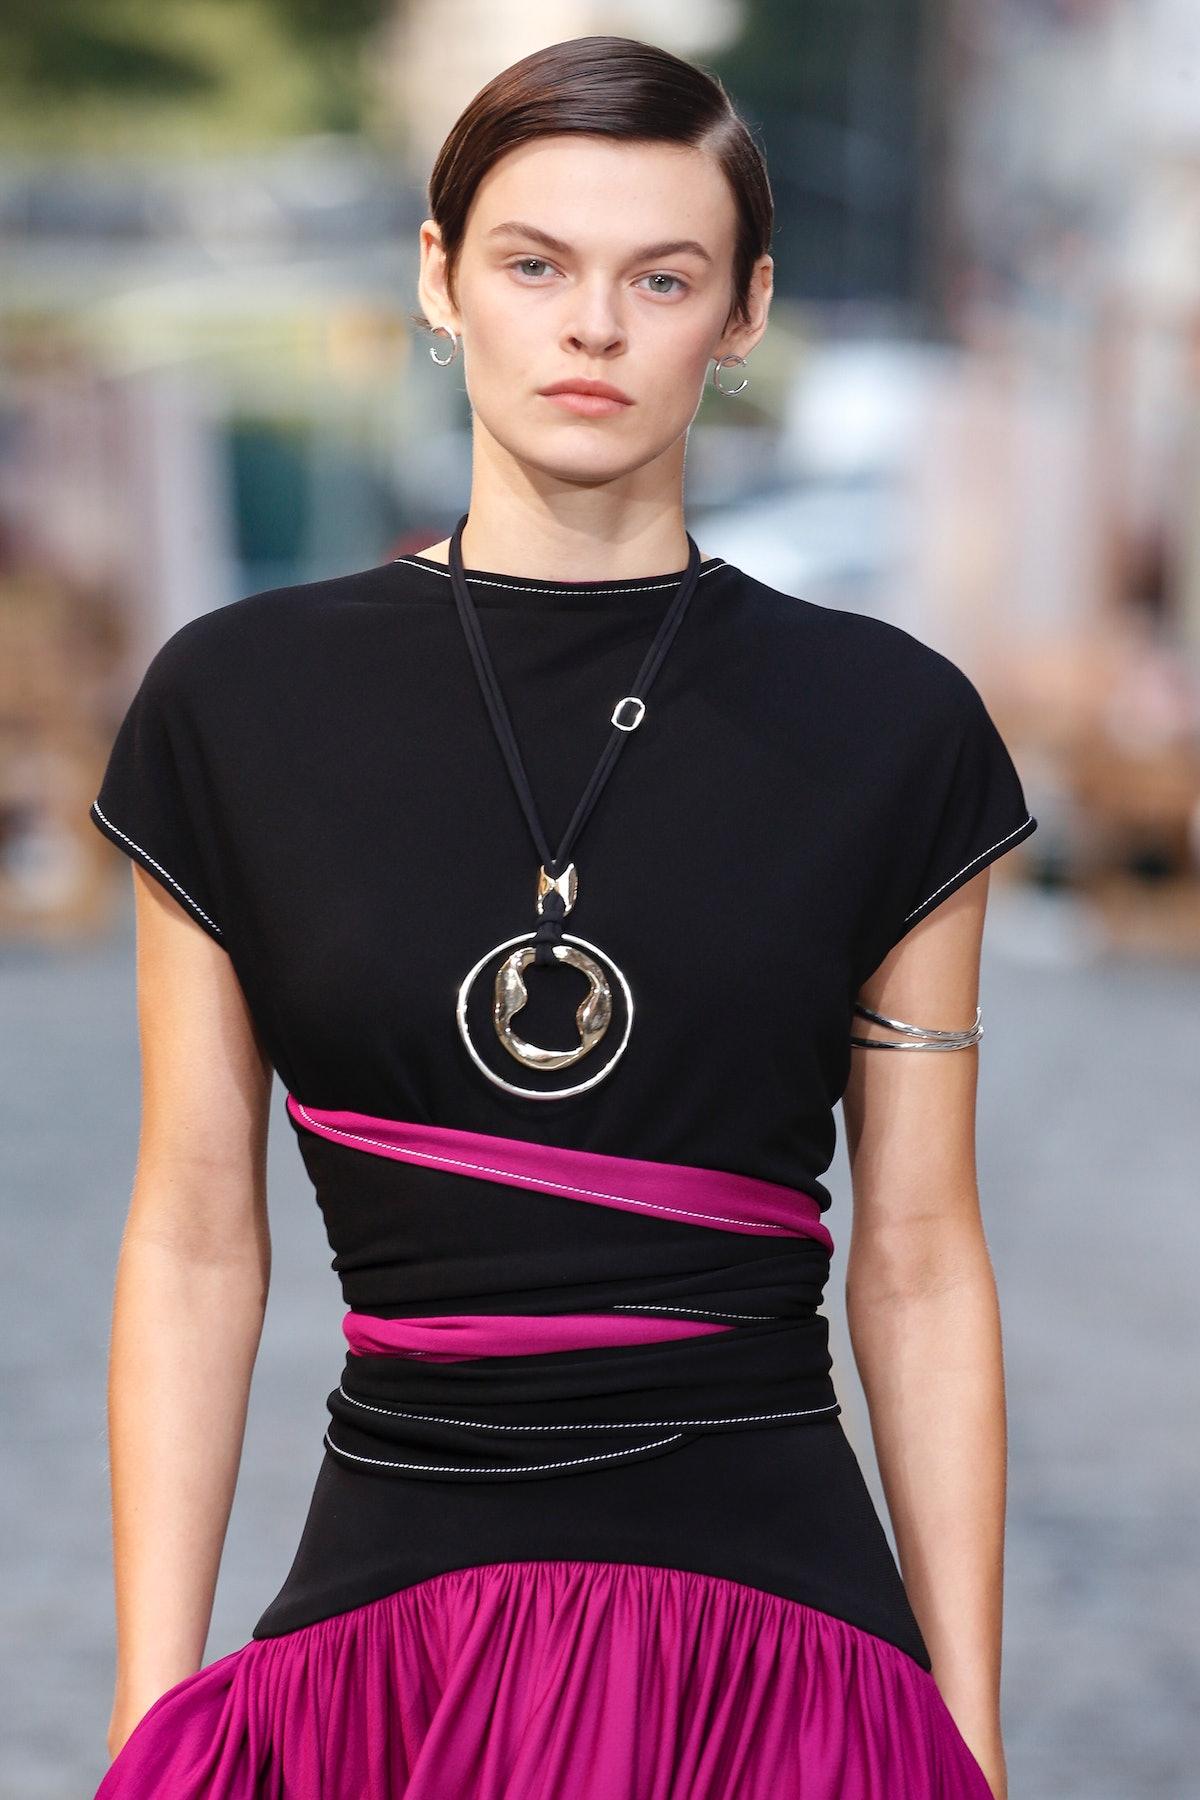 نیویورک ، نیویورک - 12 سپتامبر: یک مدل در طول Tory Burch آماده پوشیدن باند روی باند پیاده روی می کند ...